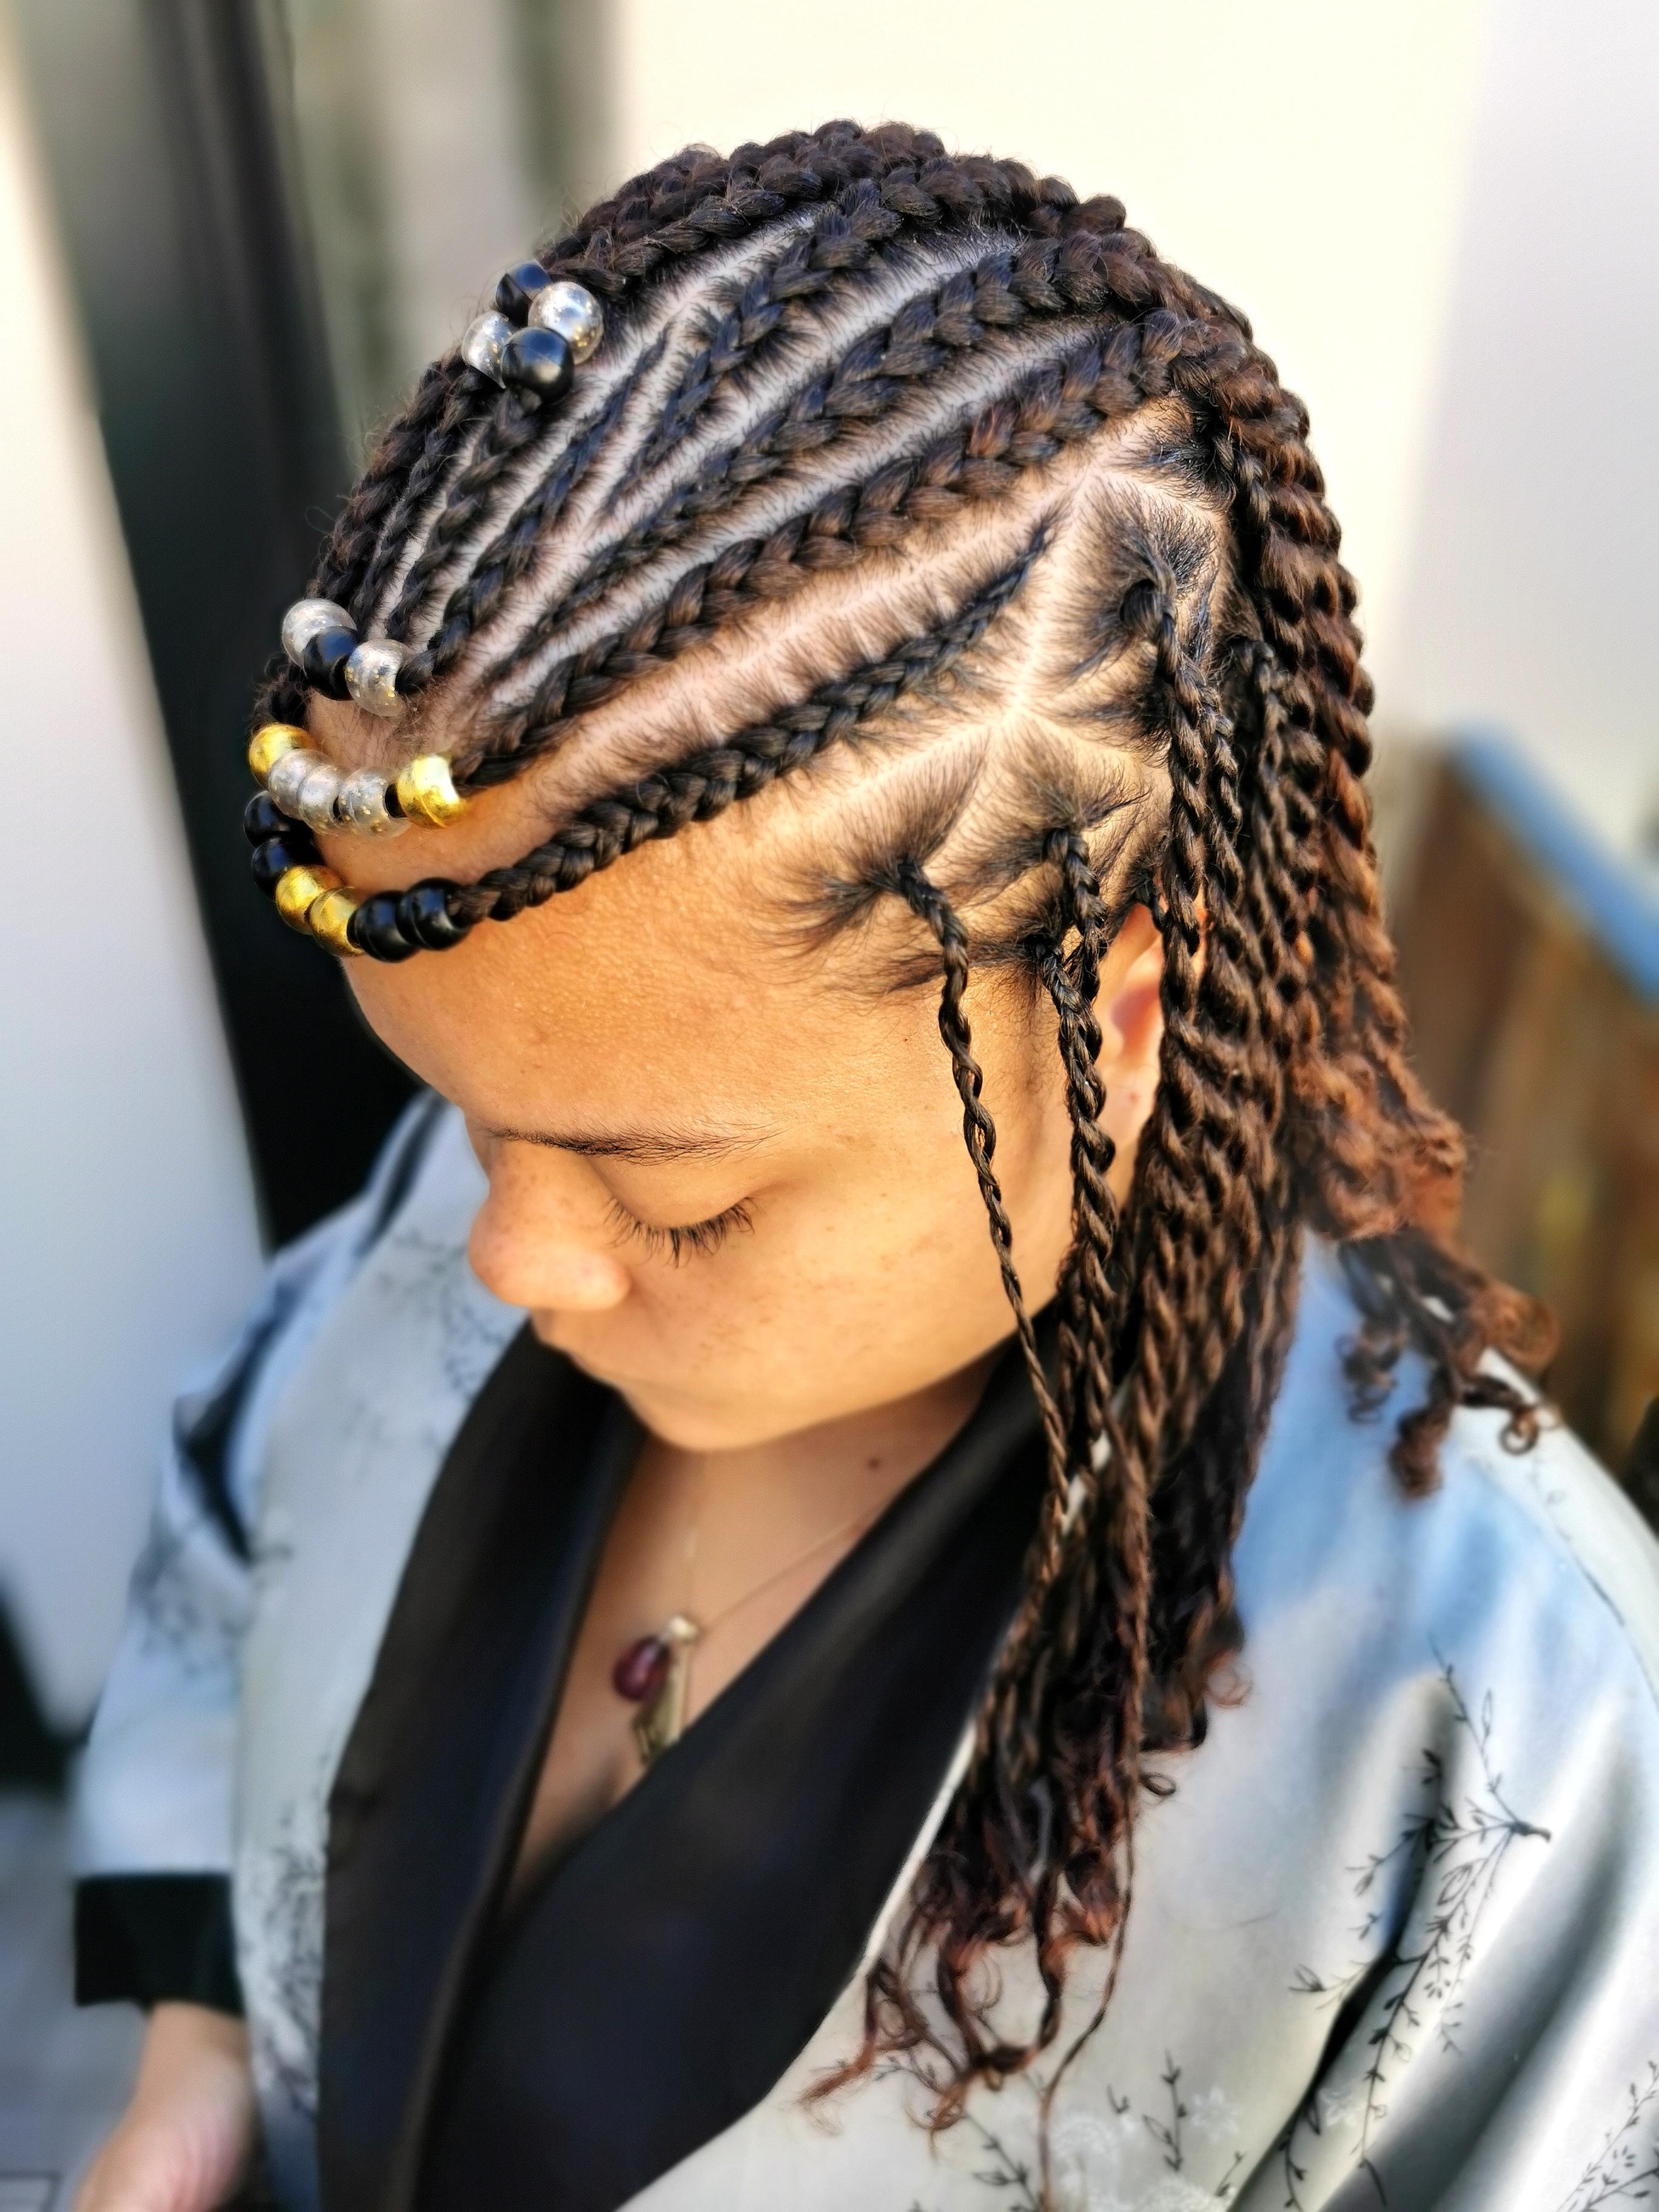 salon de coiffure afro tresse tresses box braids crochet braids vanilles tissages paris 75 77 78 91 92 93 94 95 HWCBFSFH